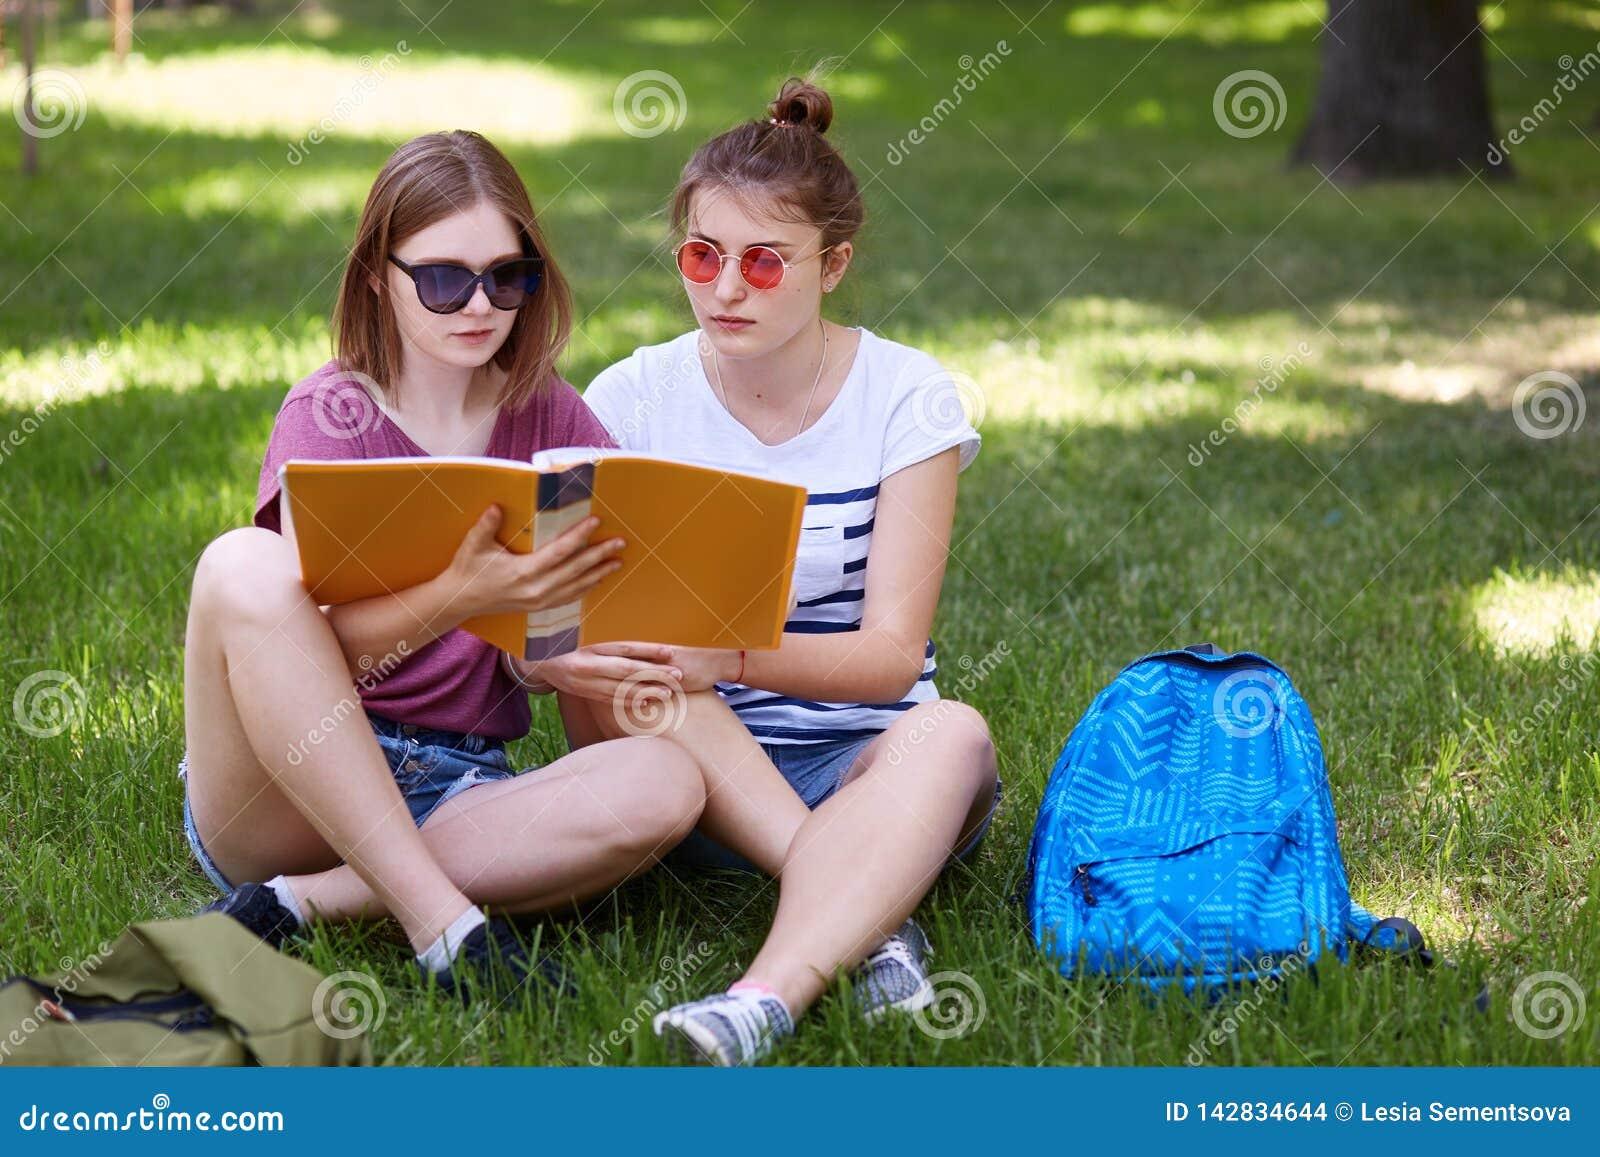 De jonge meisjes die op gras in park zitten en treft voor klassen voorbereidingen, draagt vrijetijdskleding en de zonnebril, zit